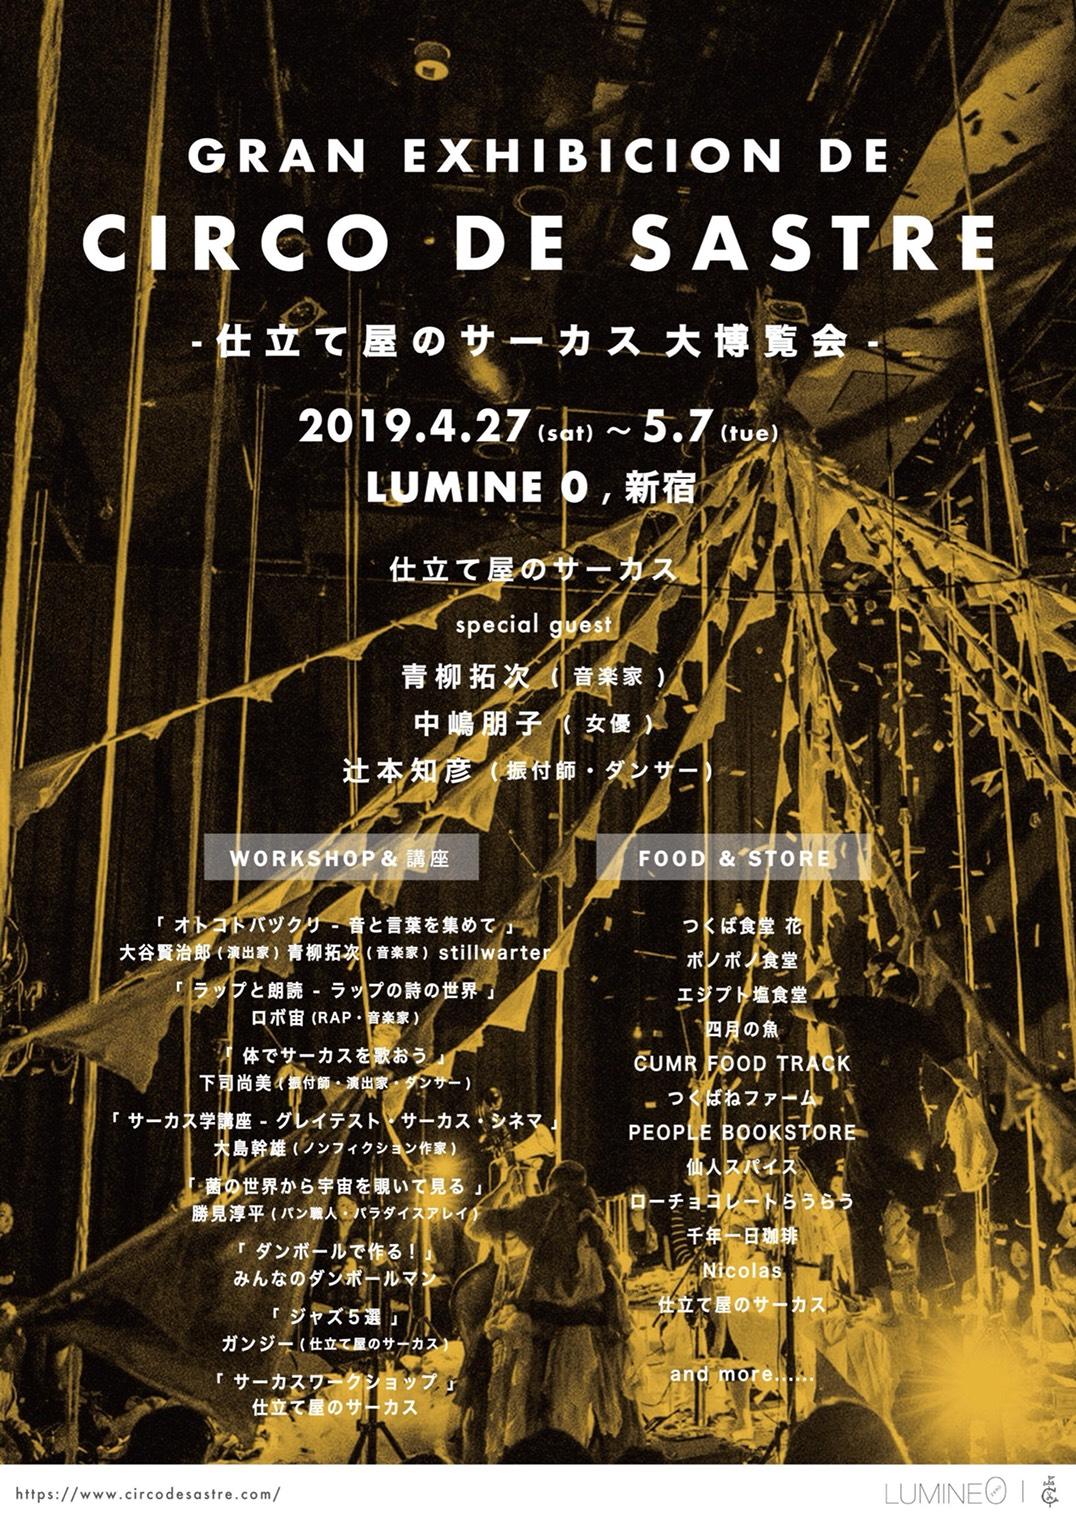 Gran Exhibición de Circo de Sastre - 仕立て屋のサーカス大博覧会